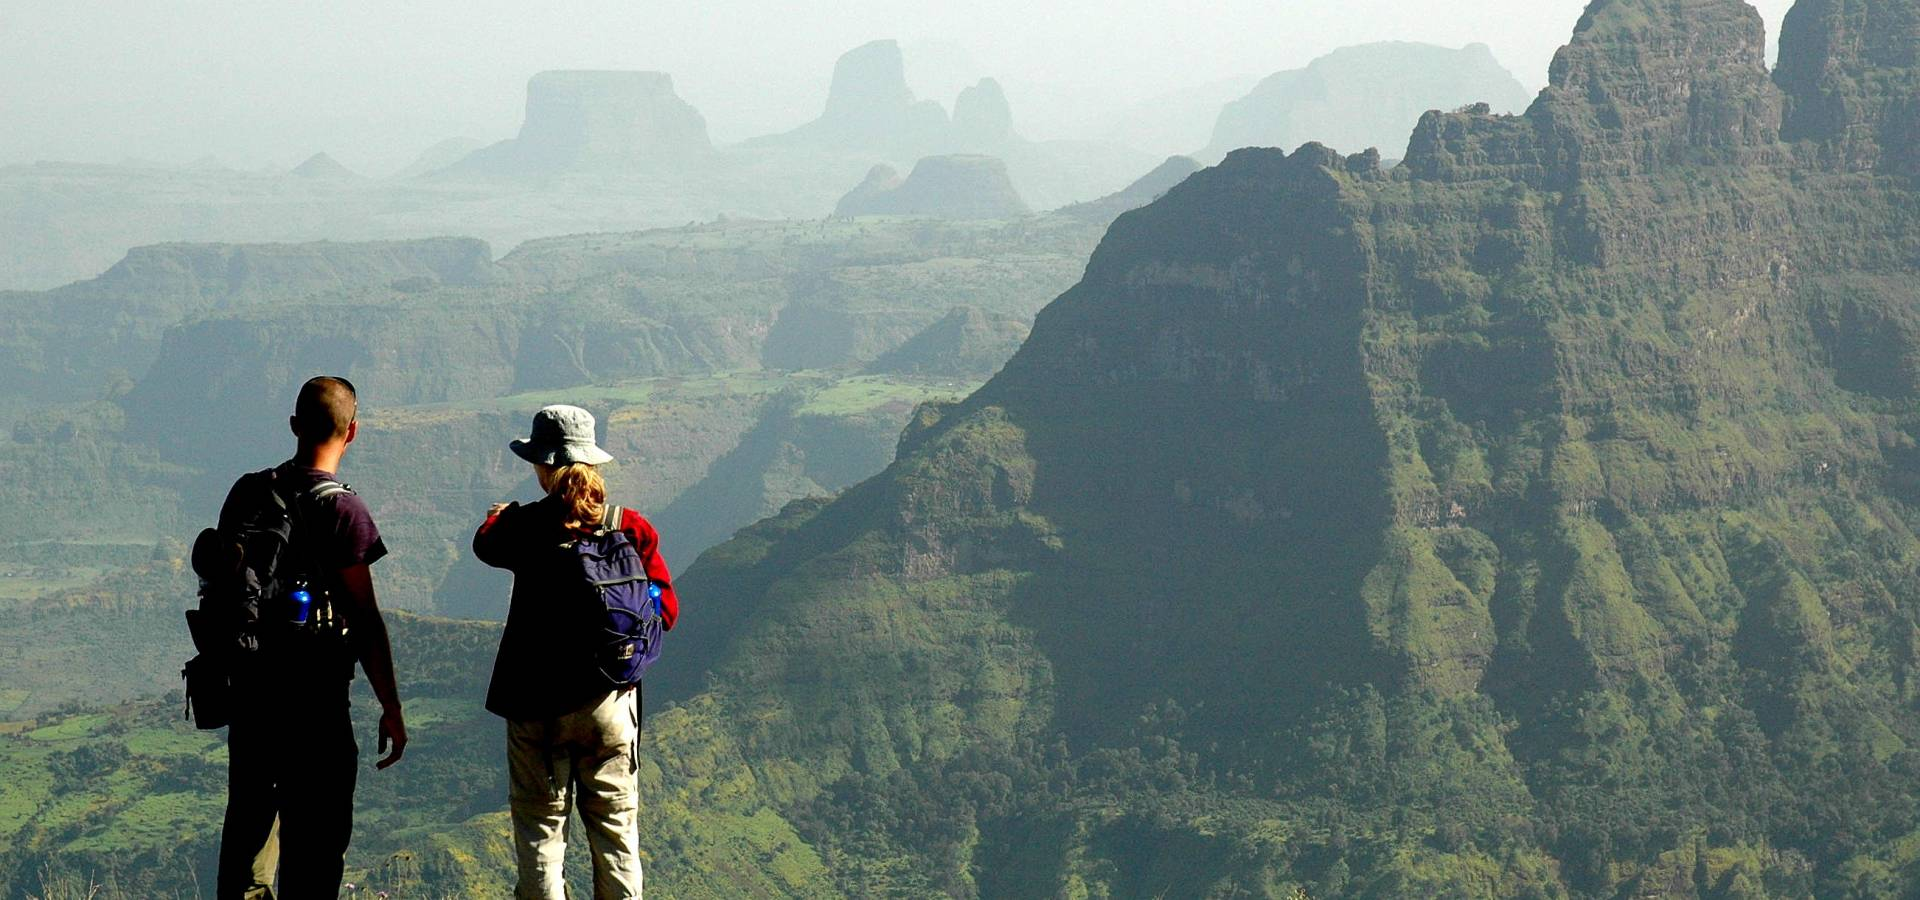 Etiopia - Escapada: Trekking en Parque Nacional Simien